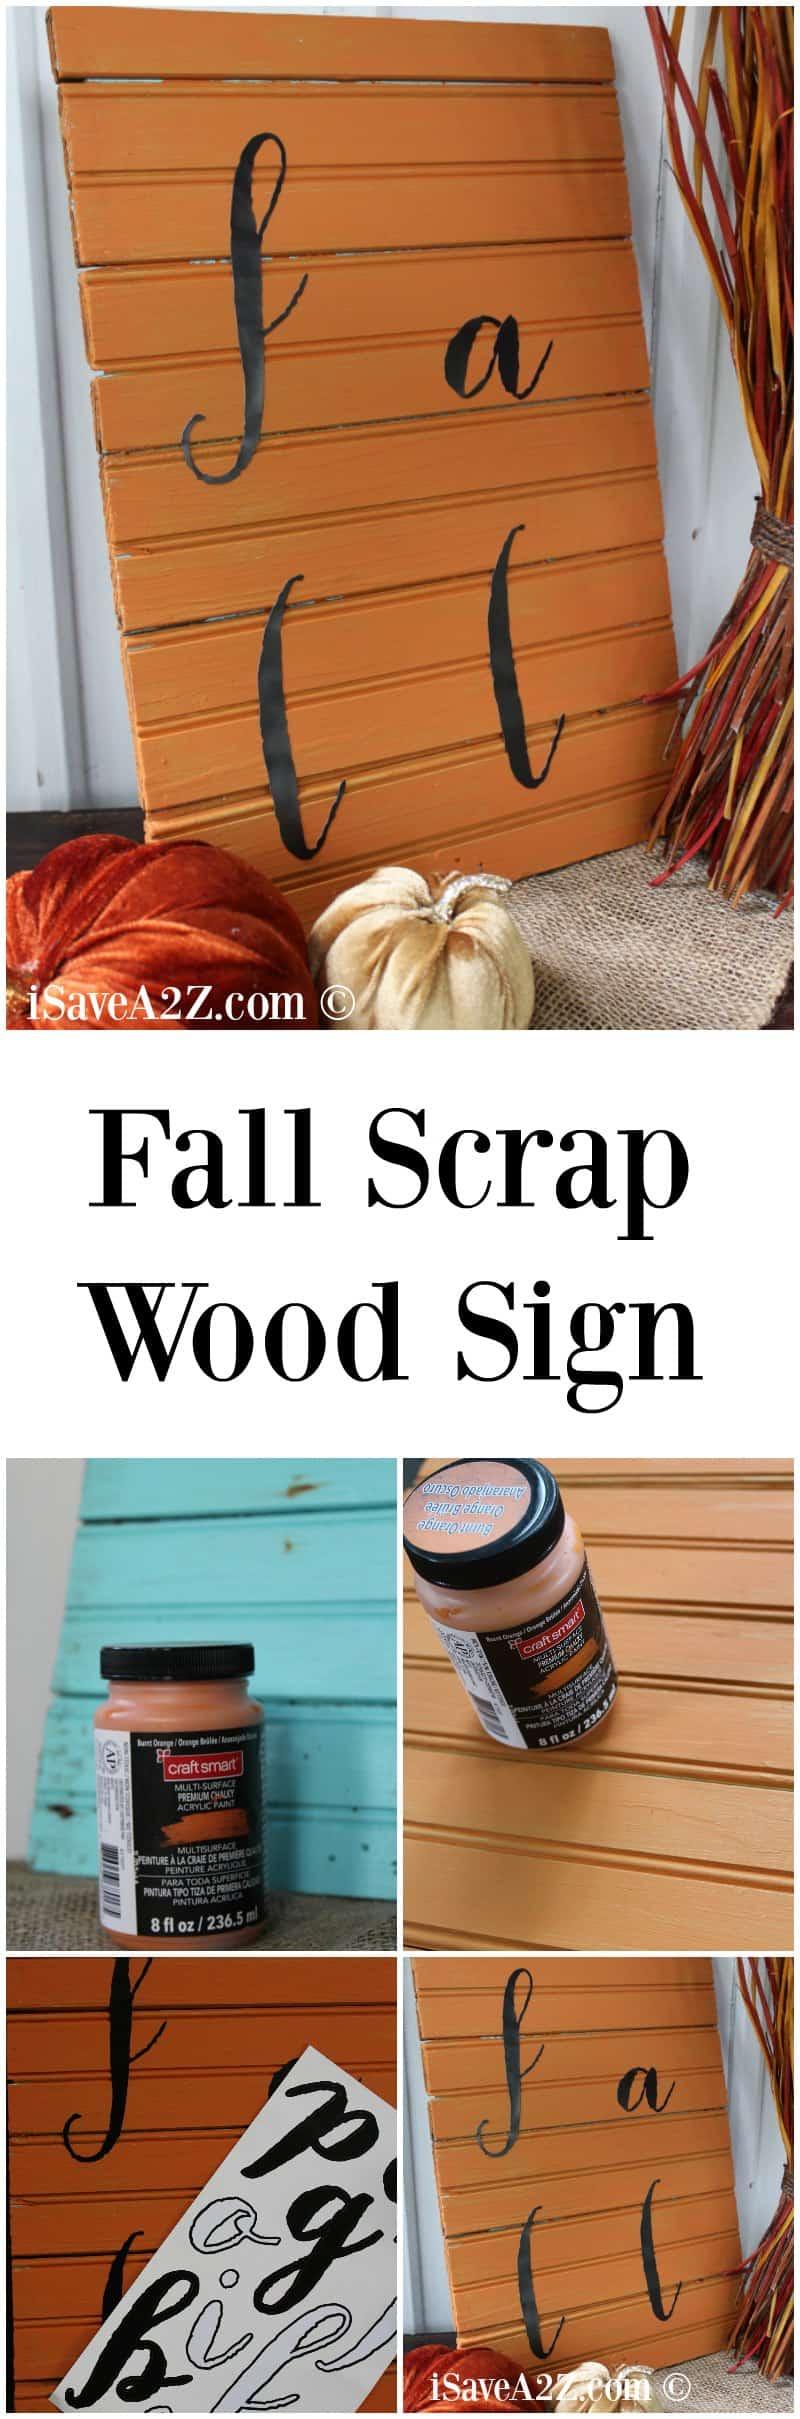 Scrap Wood Projects: Fall Scrap Wood Sign